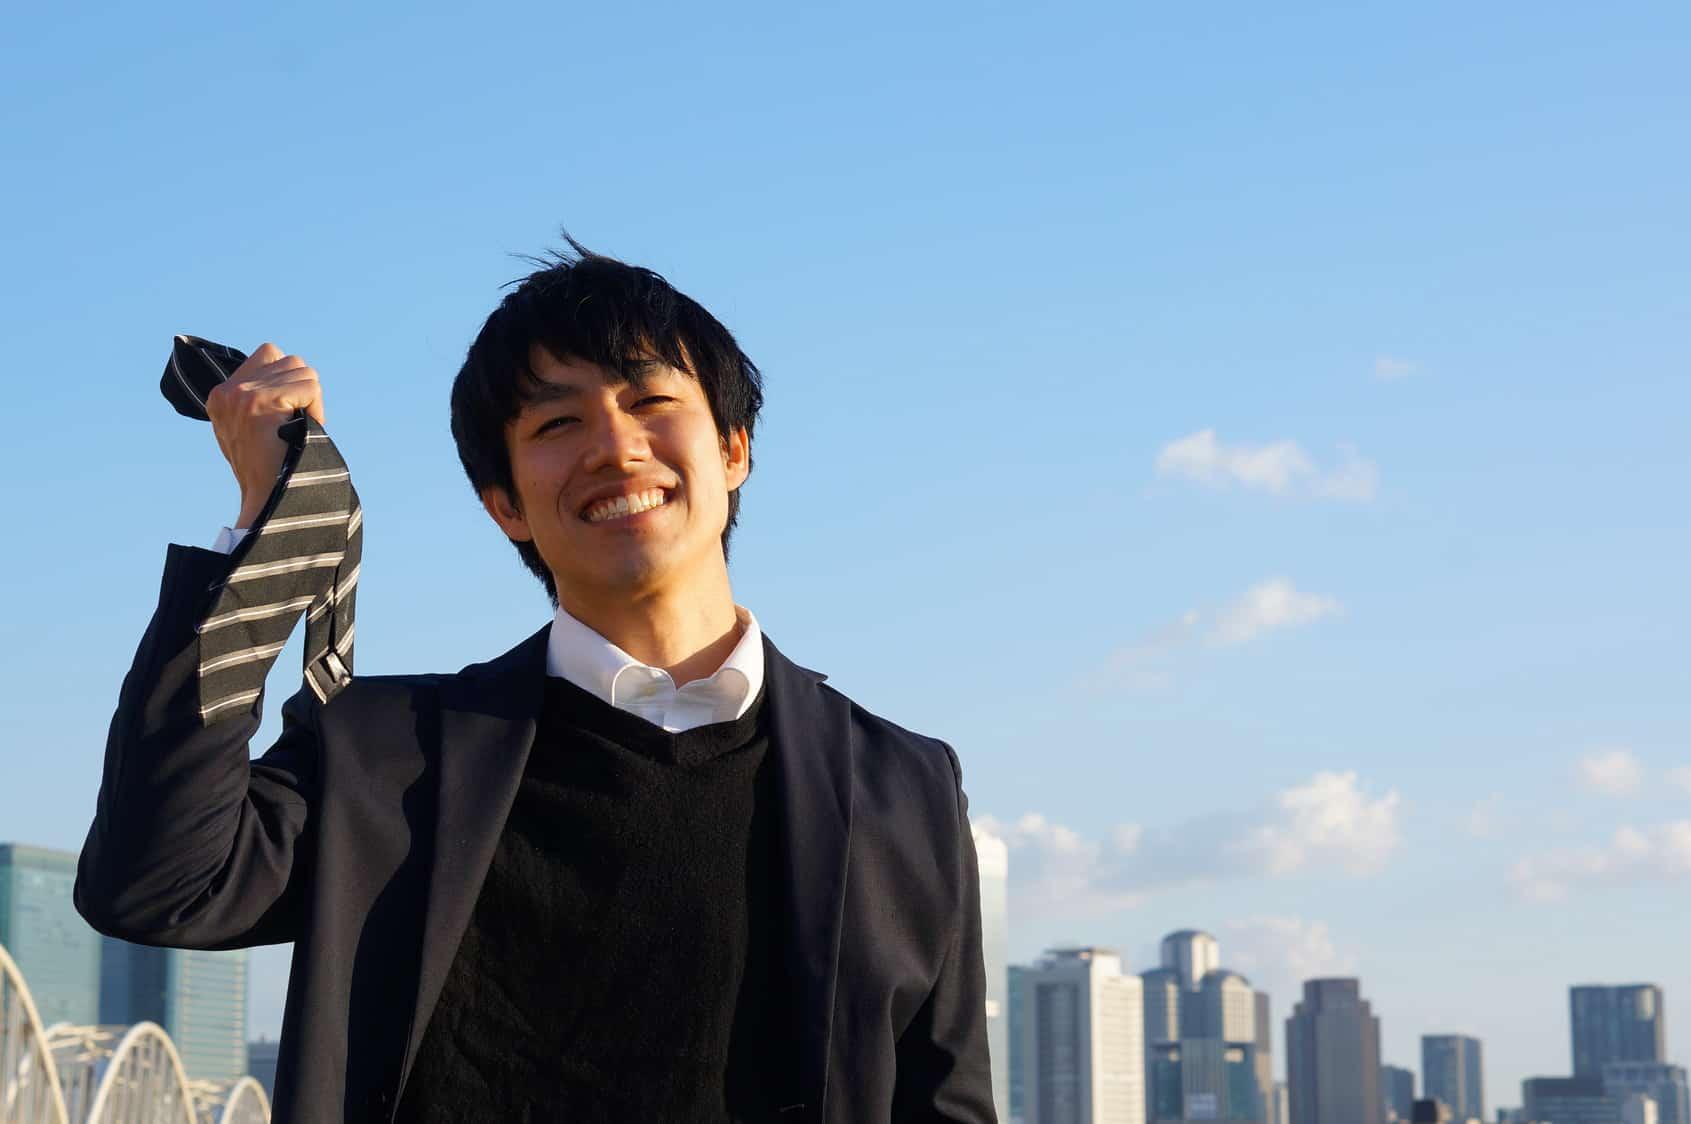 Happy Man Holding Suit Tie